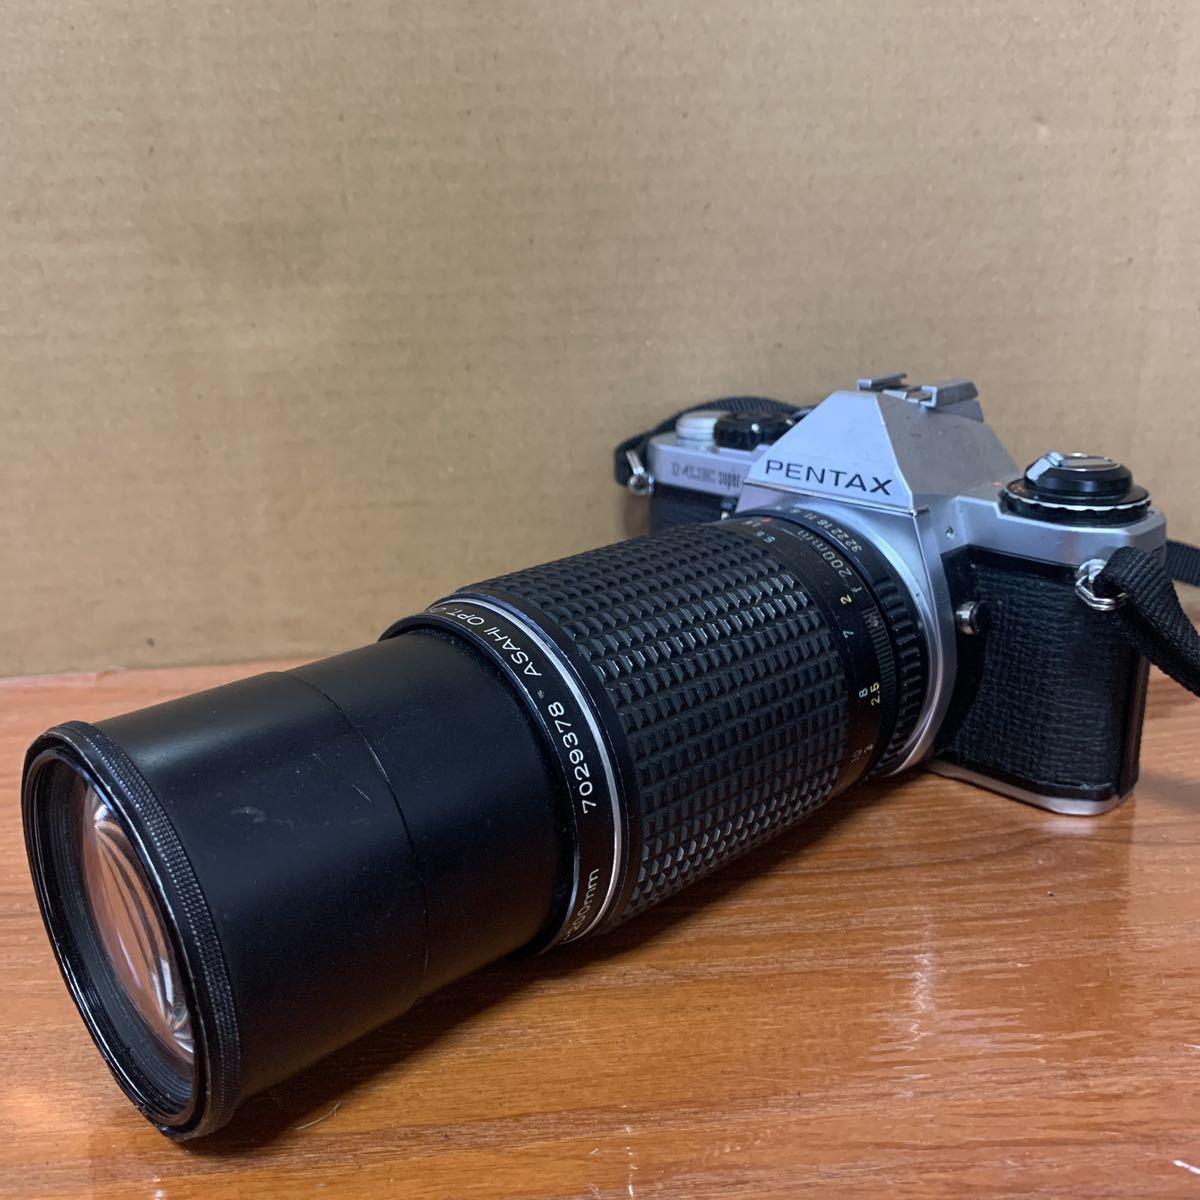 PENTAX ME SUPER ペンタックス 一眼レフカメラ フィルムカメラ 未確認 400_画像3